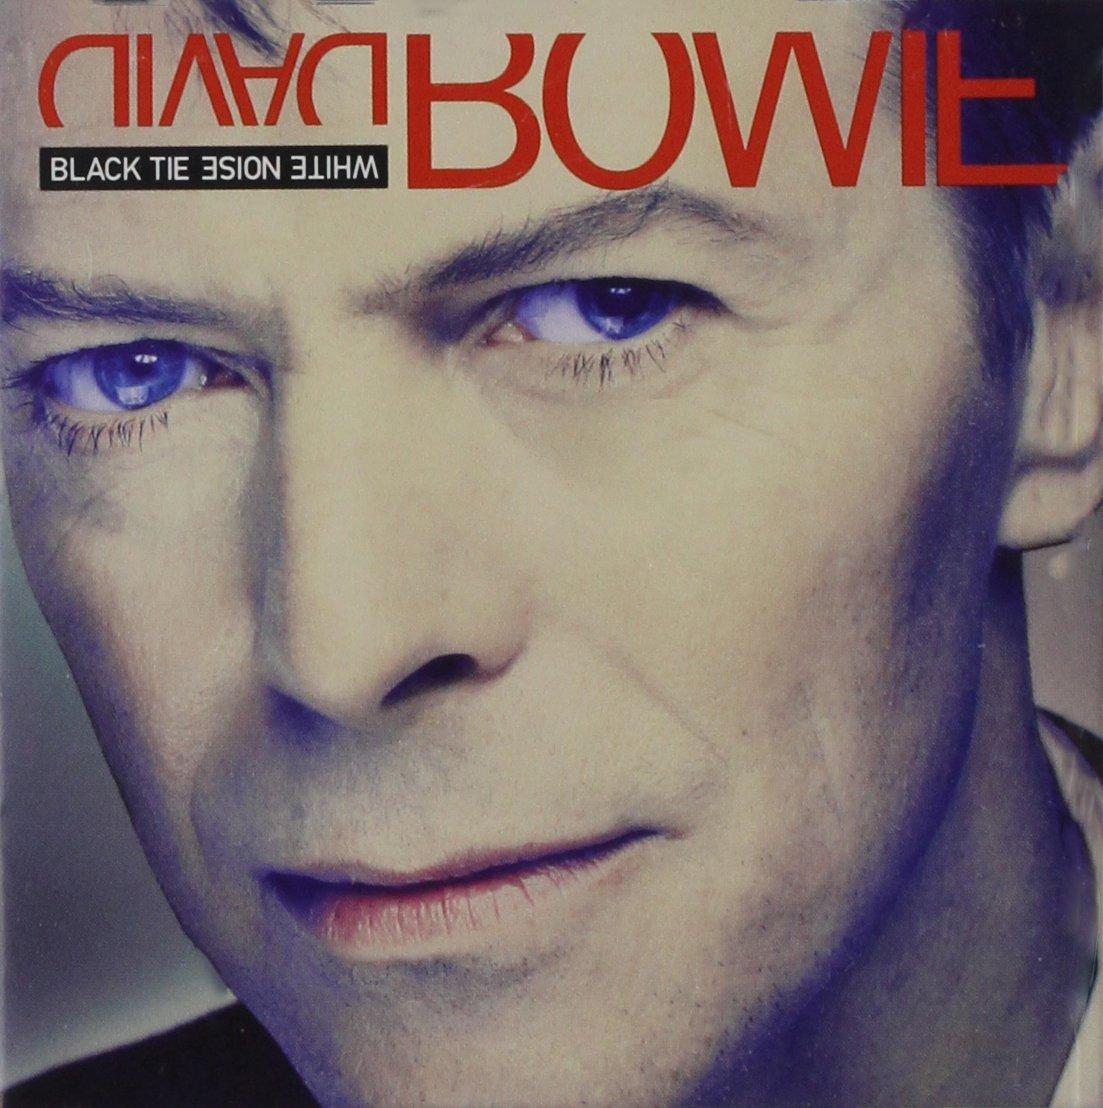 ★ DAVID BOWIE - Discografía desquiciada ★ Blackstar (2016). FIN. - Página 5 71cOubgc5VL._SL1108_